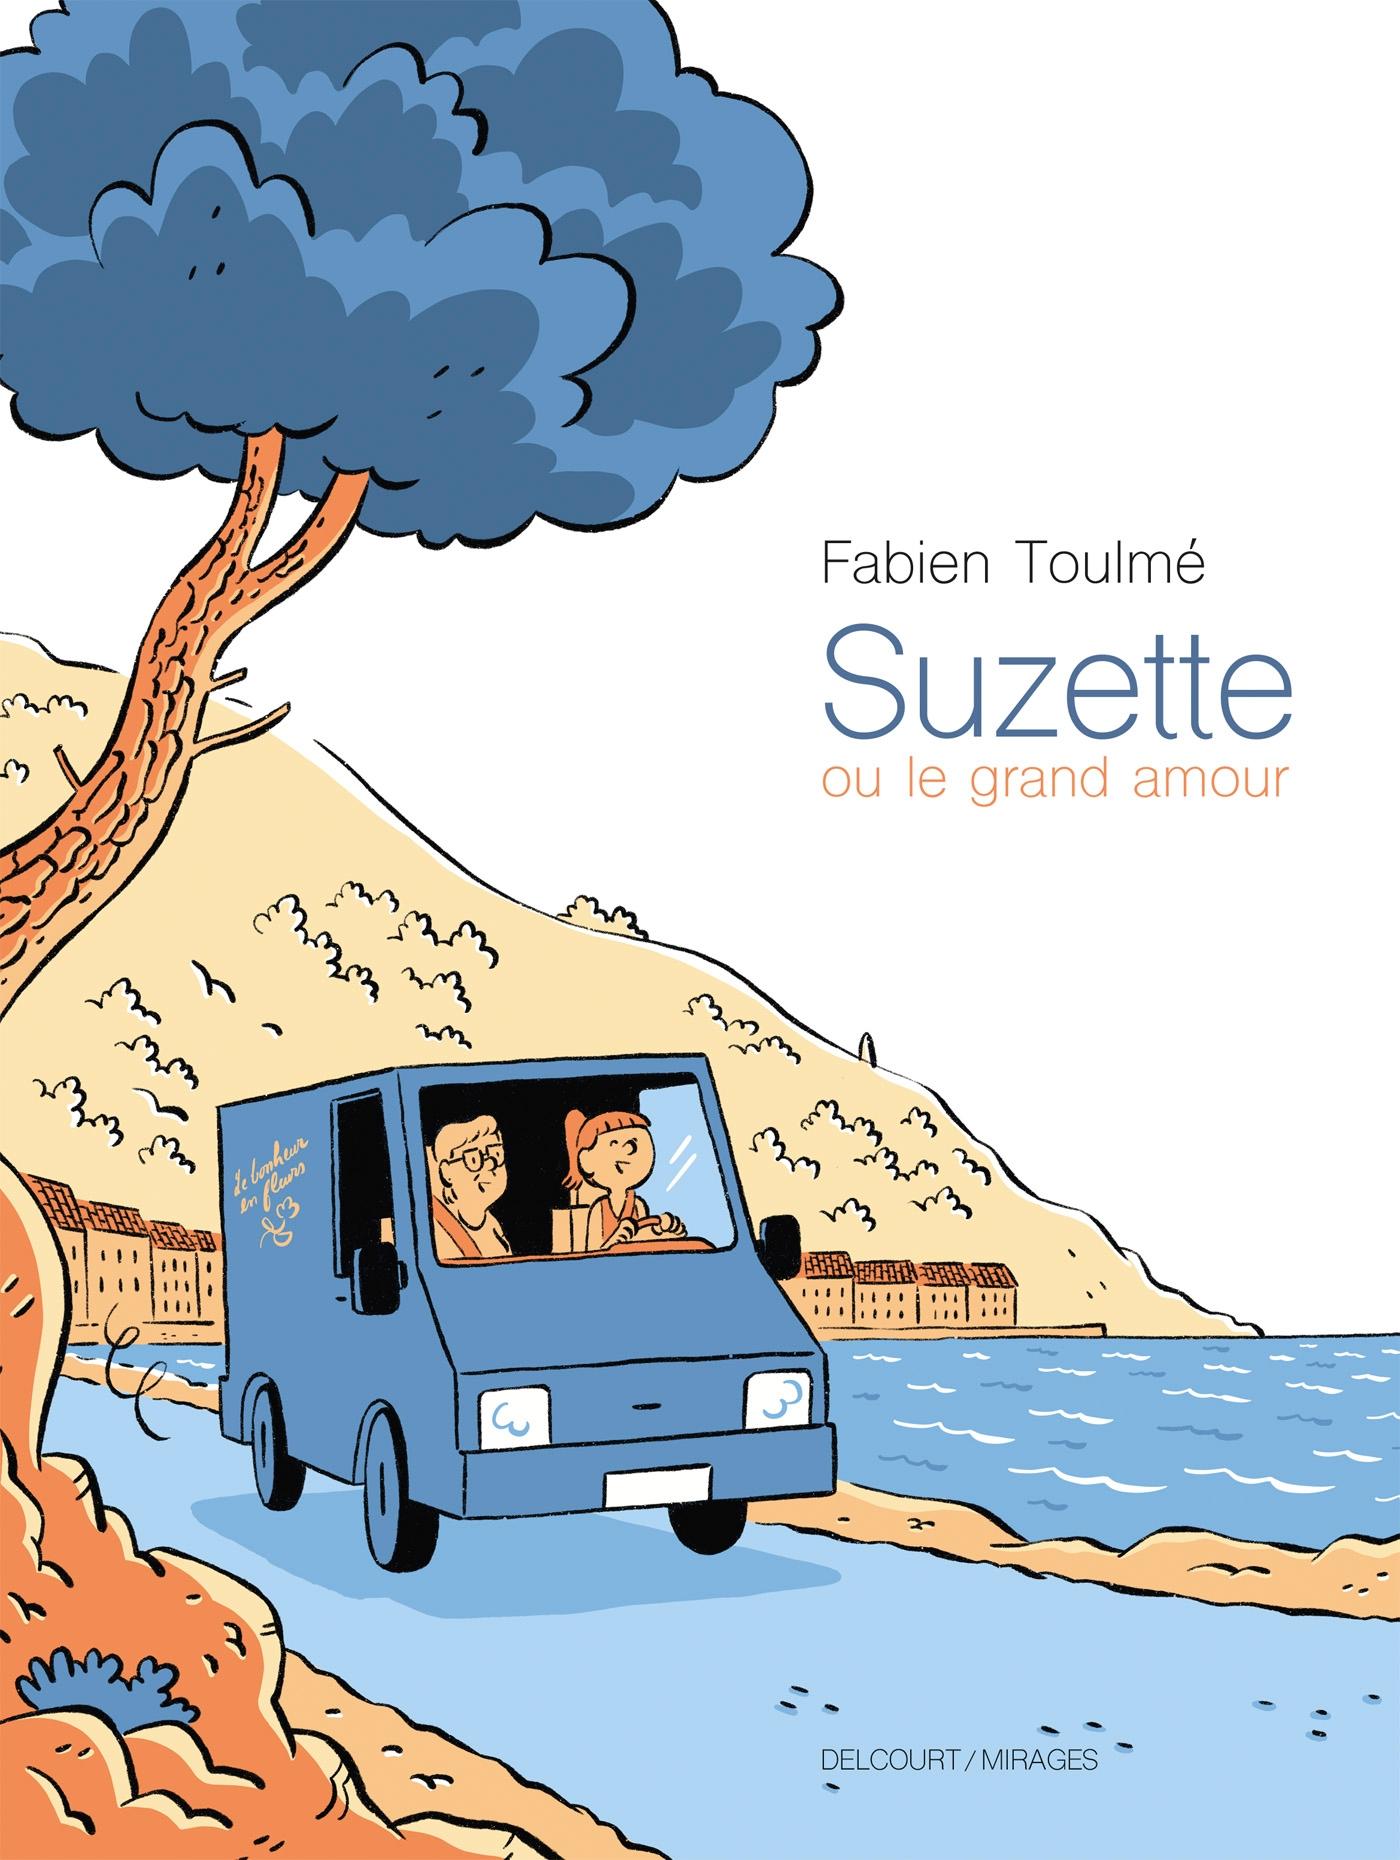 couverture suzette ou le grand amour aux éditions Delcourt